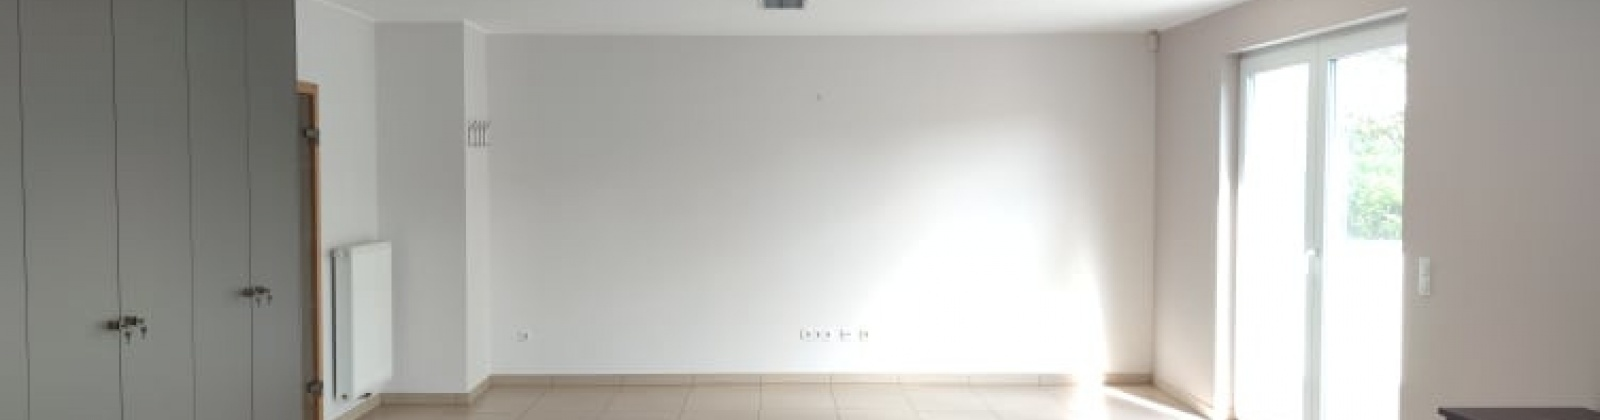 VENDUE, 4 Chambres Chambres, ,1 Salle de bainsSalle de bain,Maison,A vendre,1065